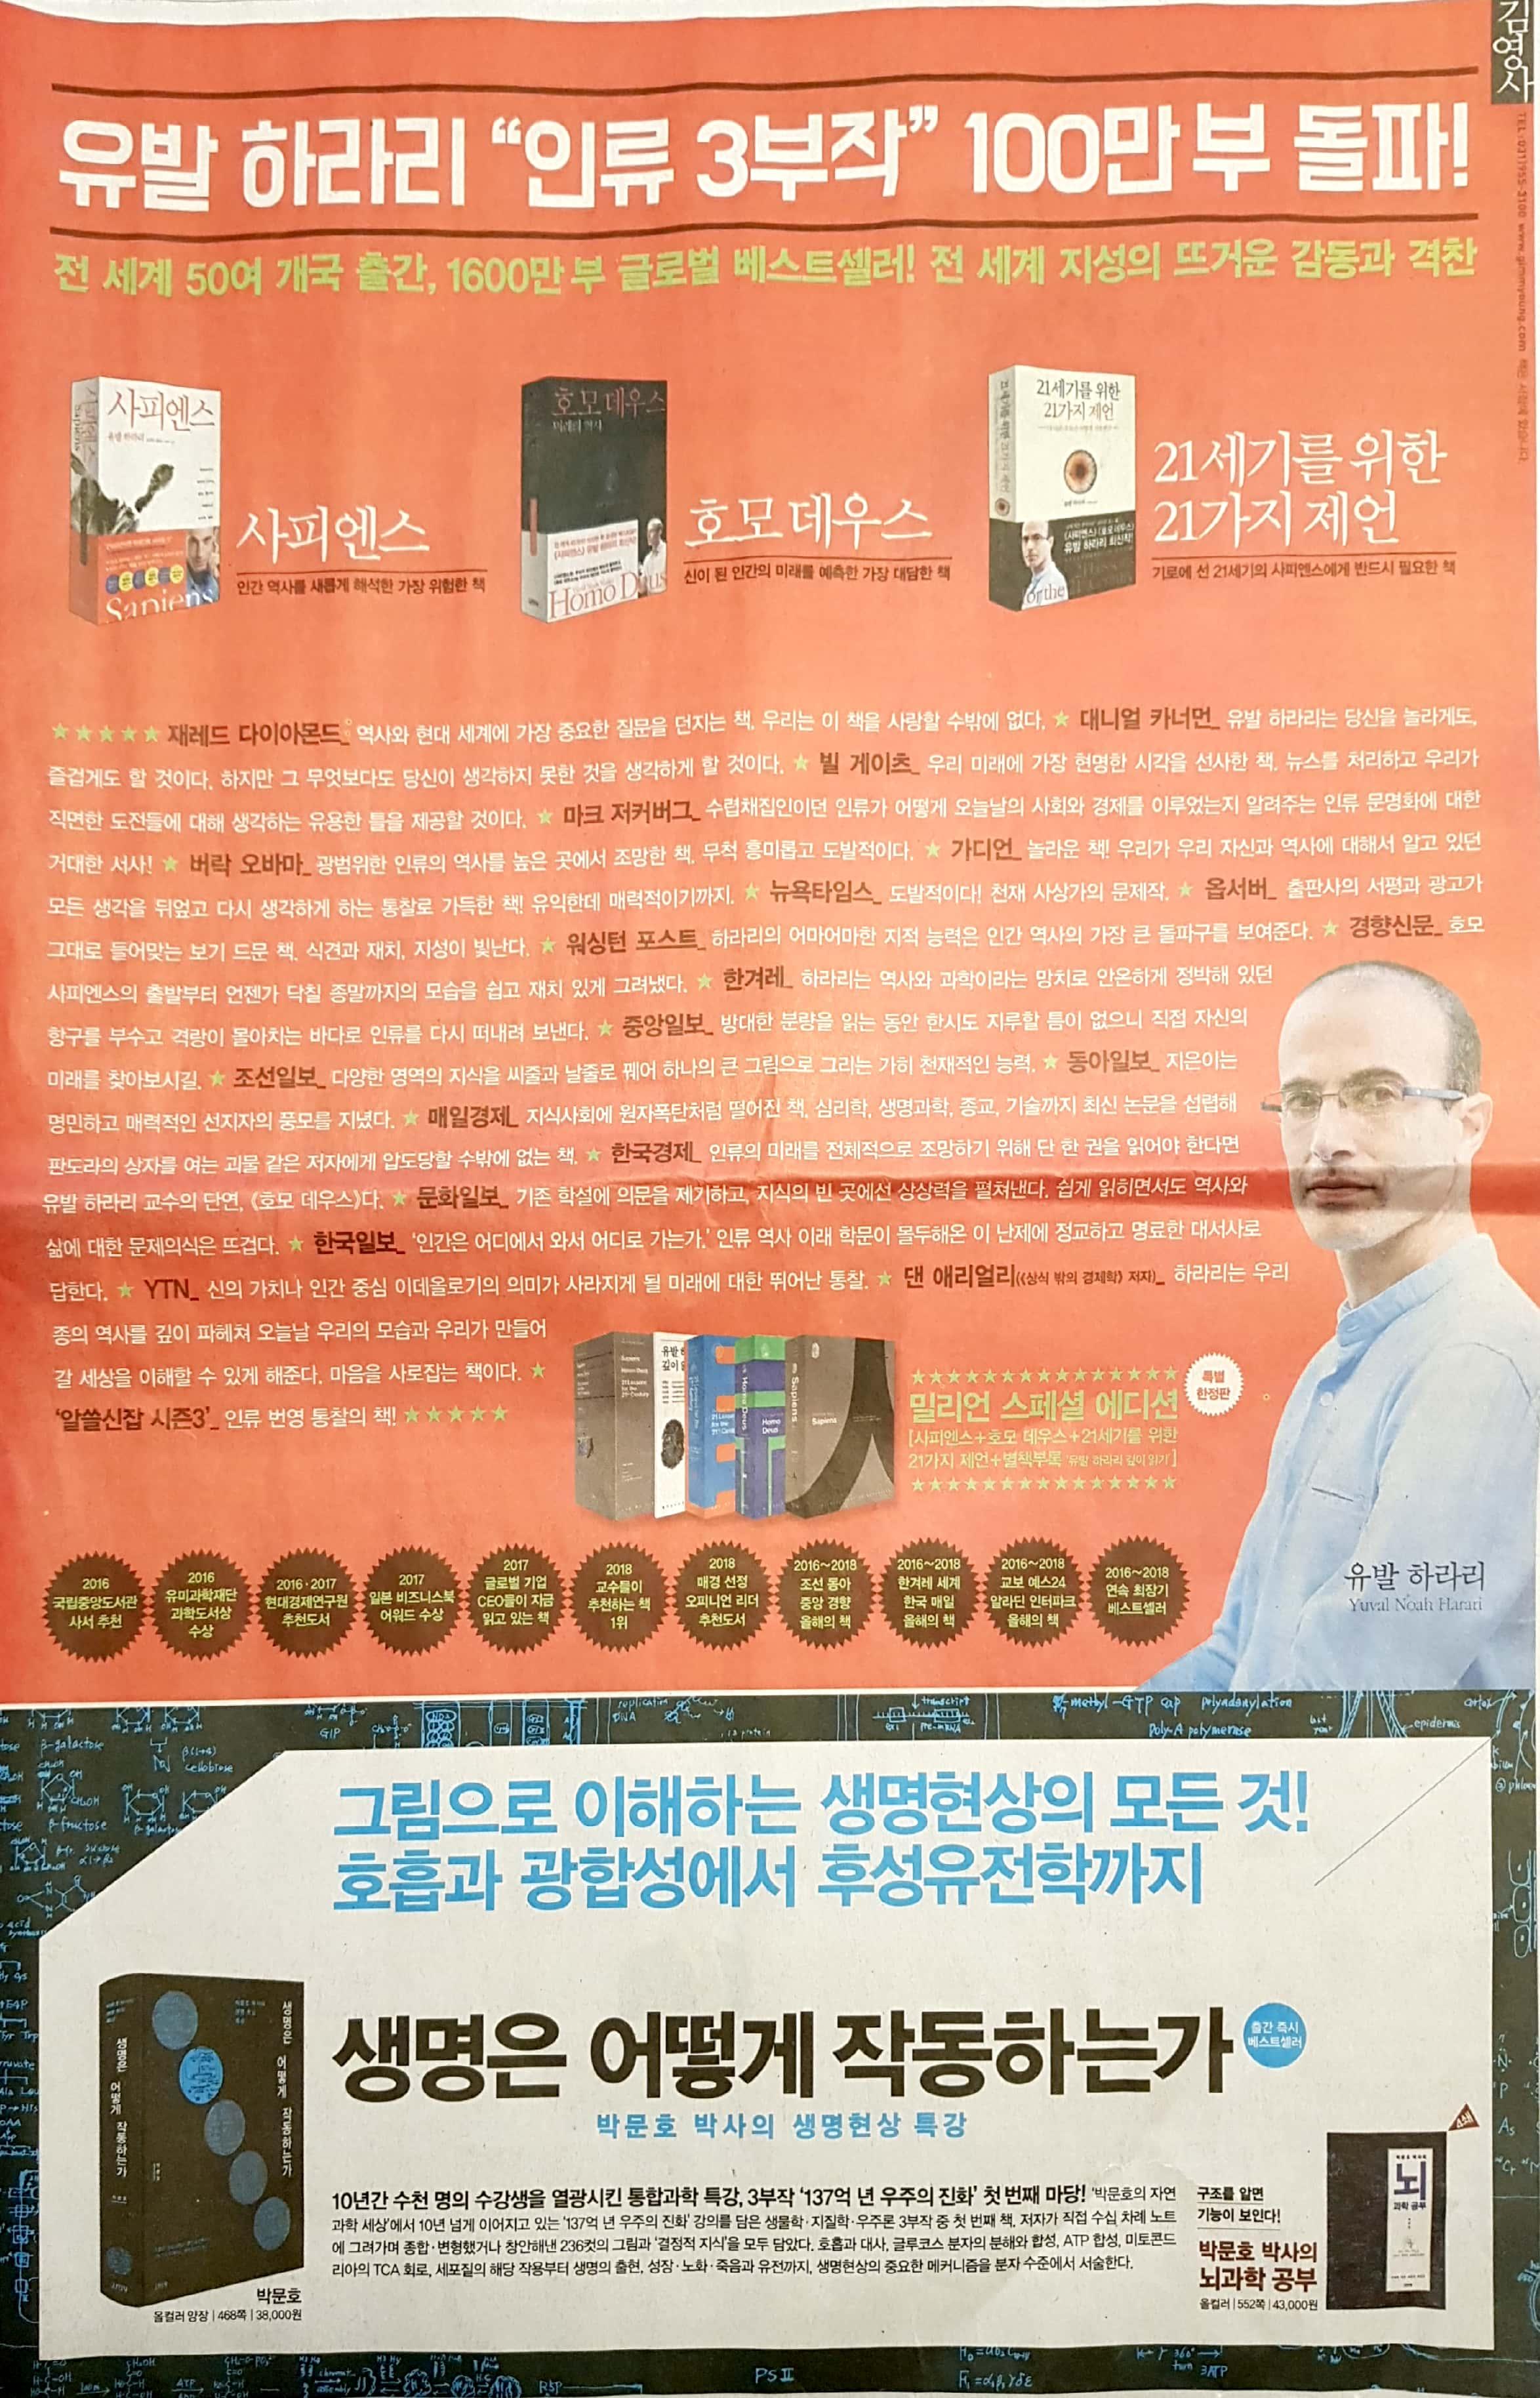 중앙일보-신간홍보.jpg